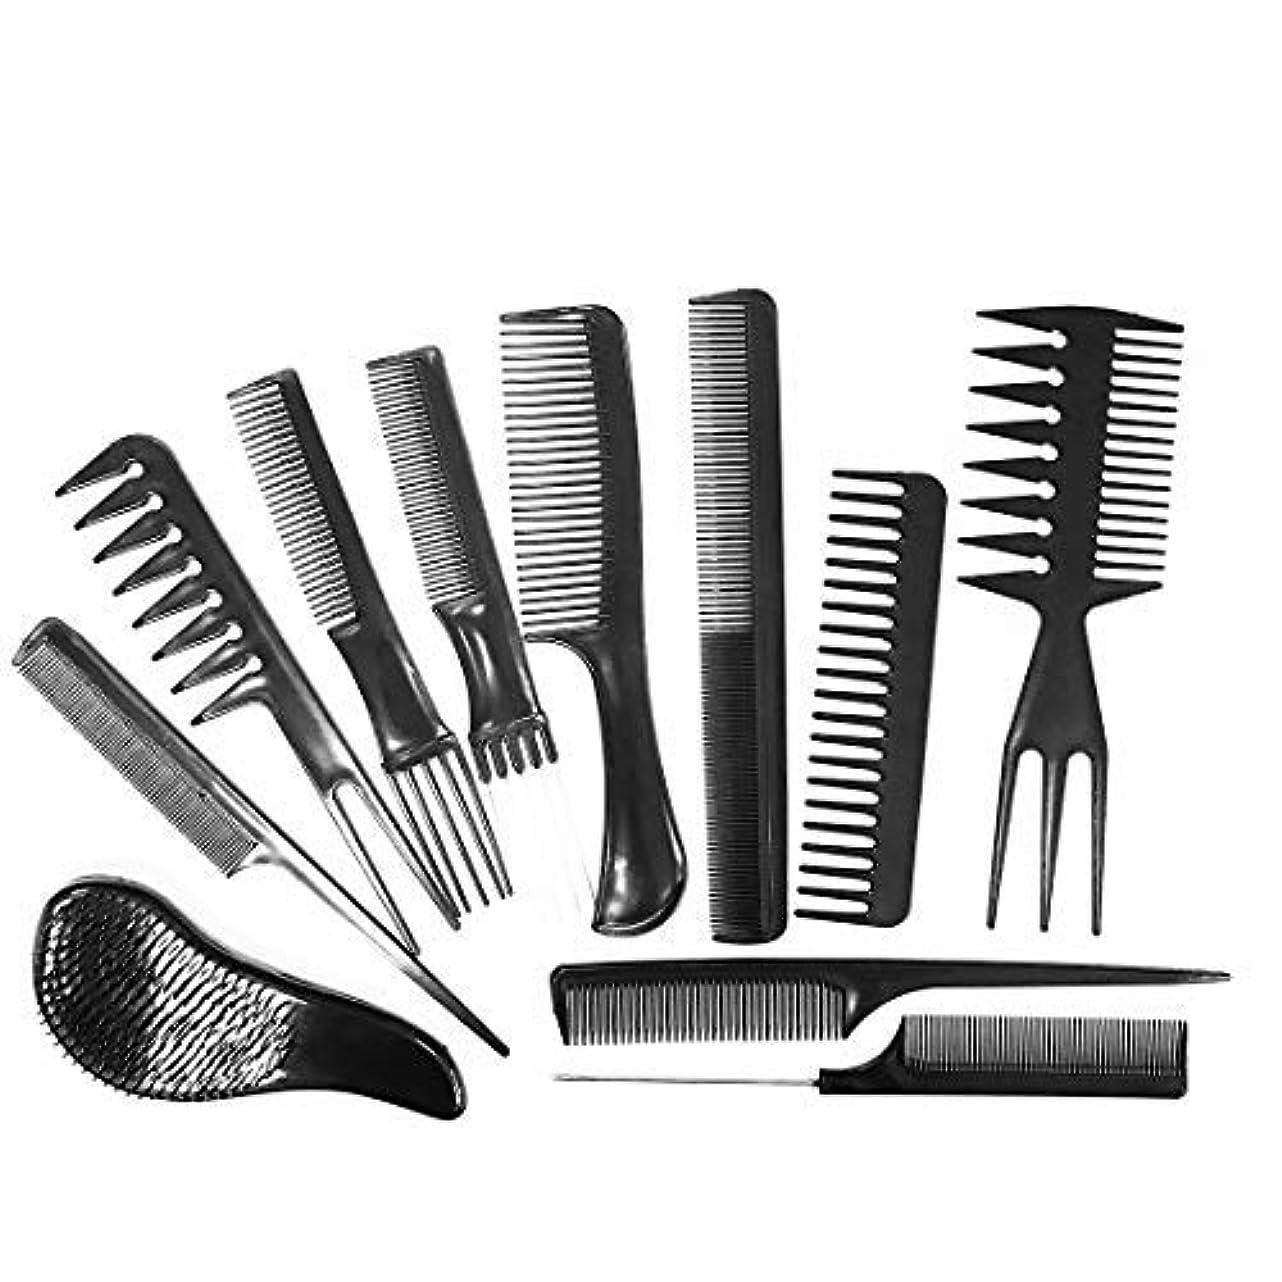 計器復活するメロディーDaimay Professional Hair Styling Comb Set Hair Styling Clips Salon Hair Styling Barbers Comb Set Variety Pack...